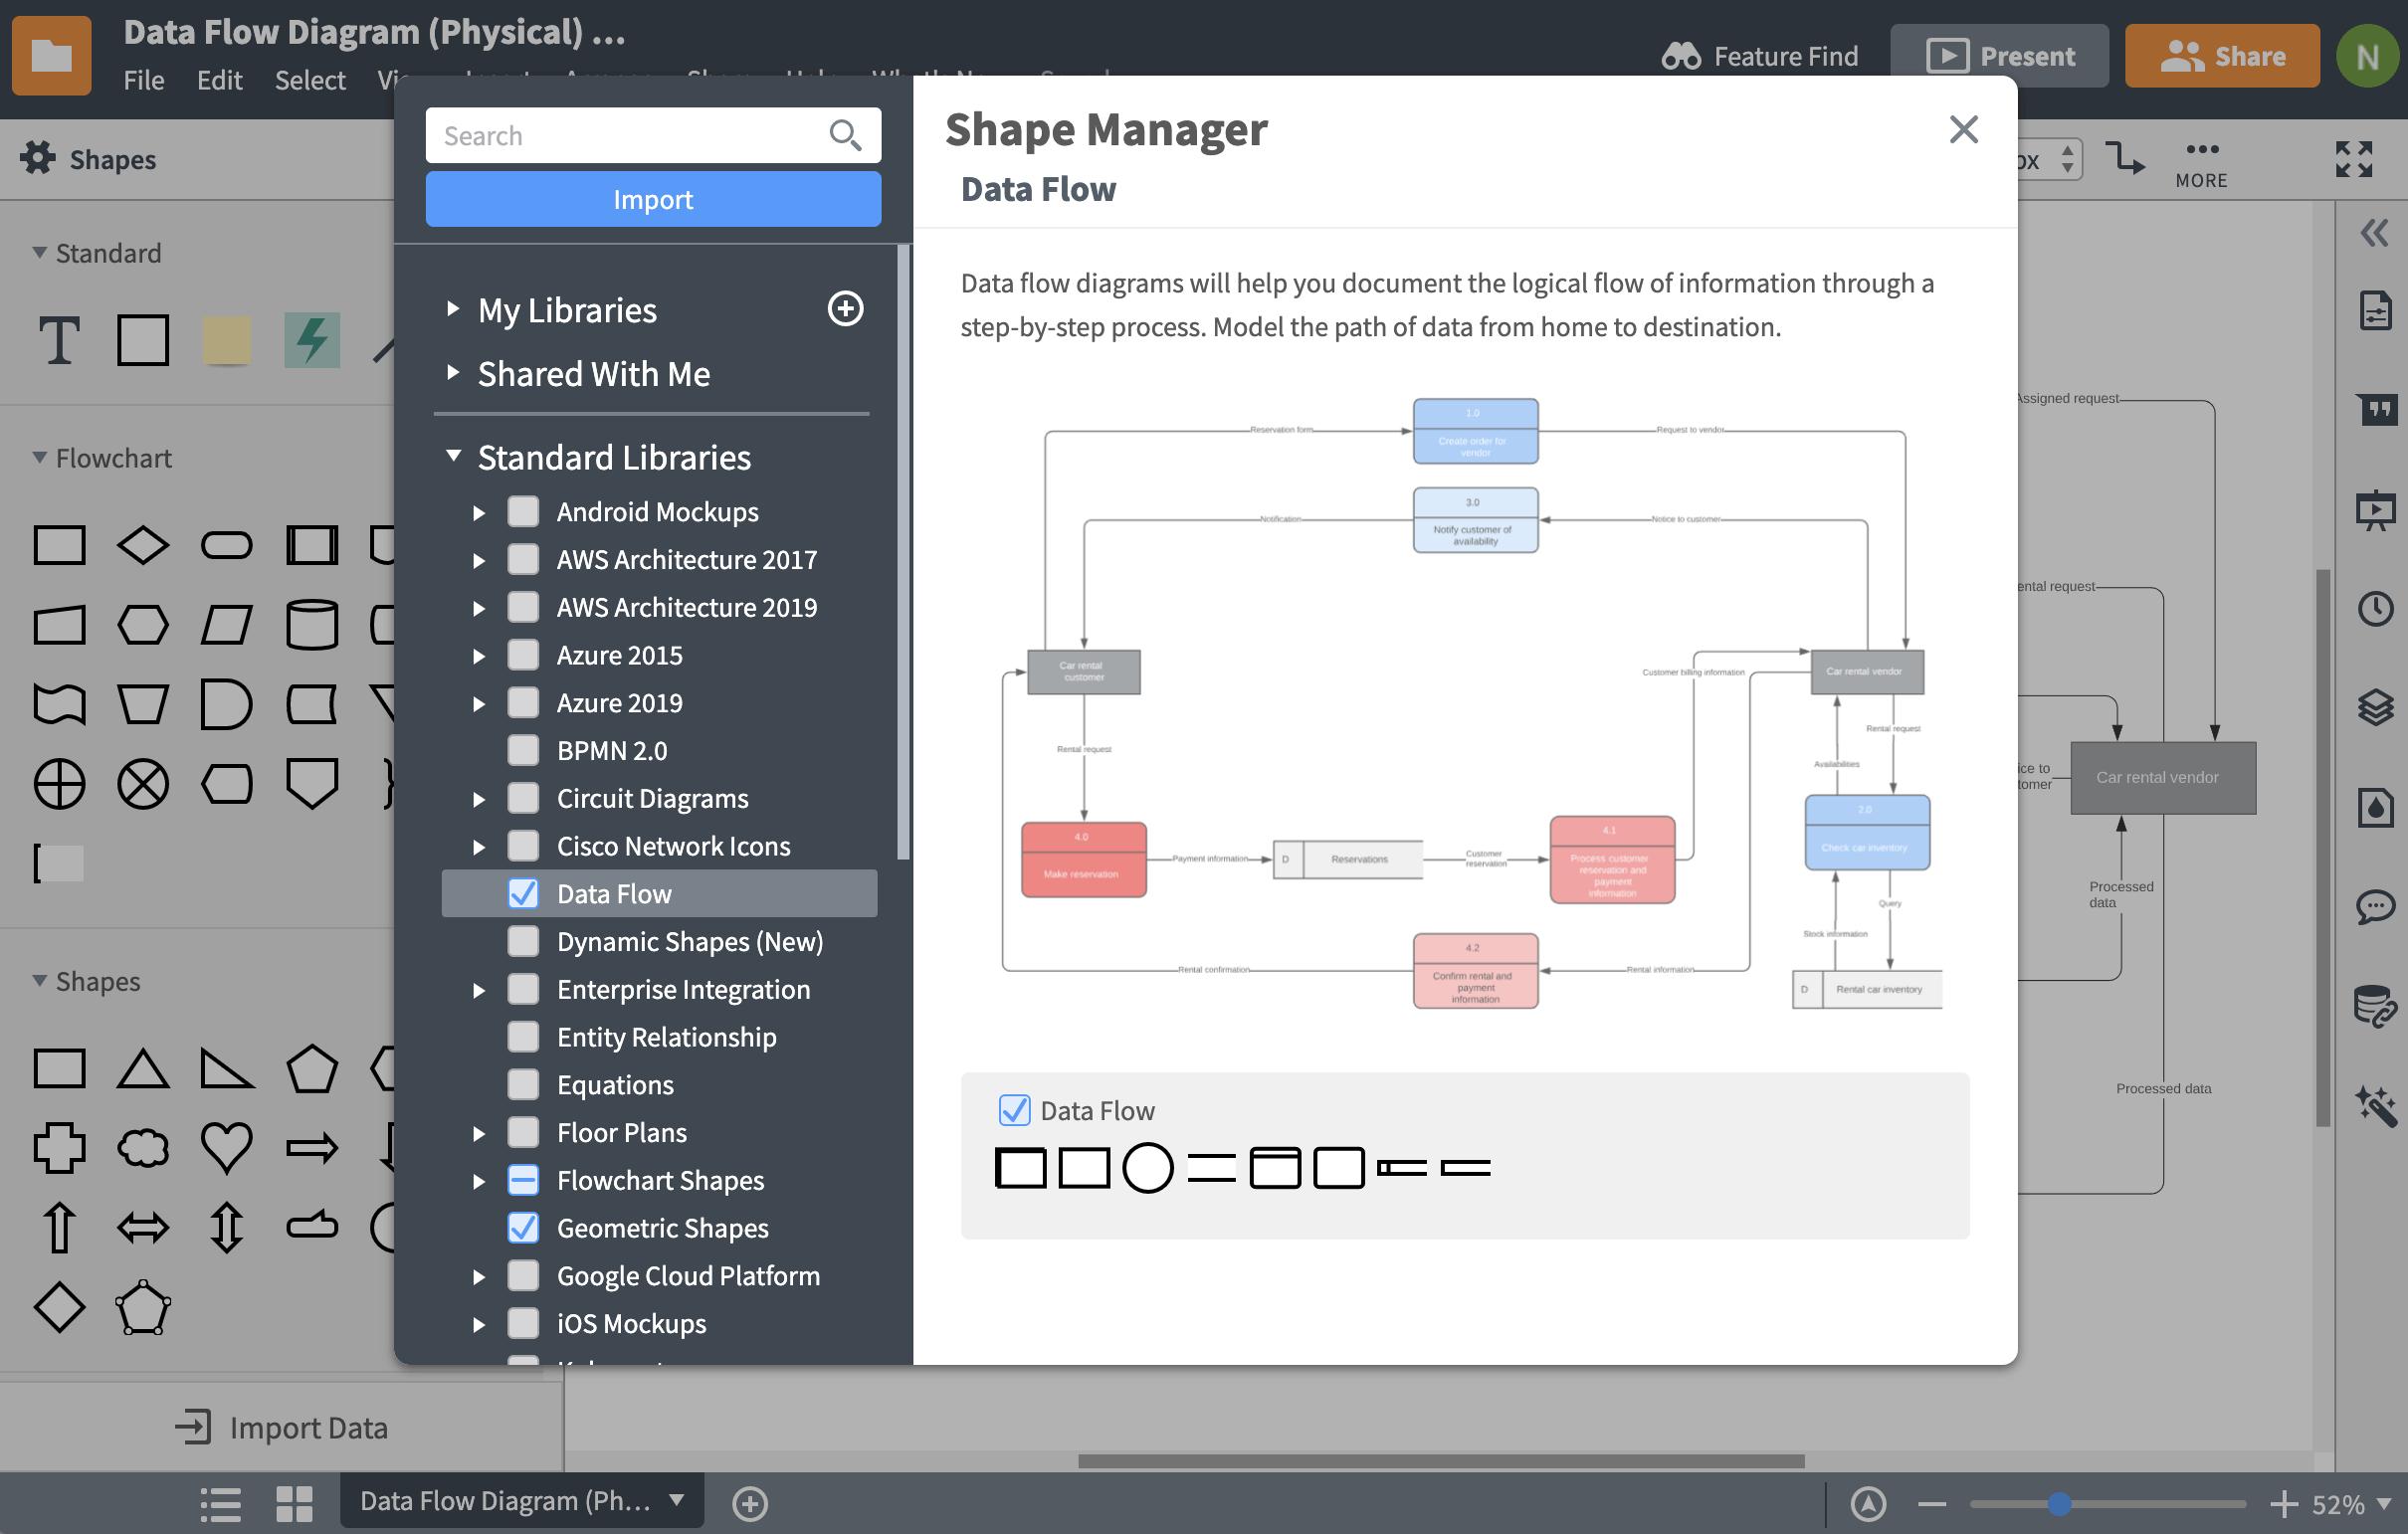 programa de gerar diagrama a partir do banco de dados